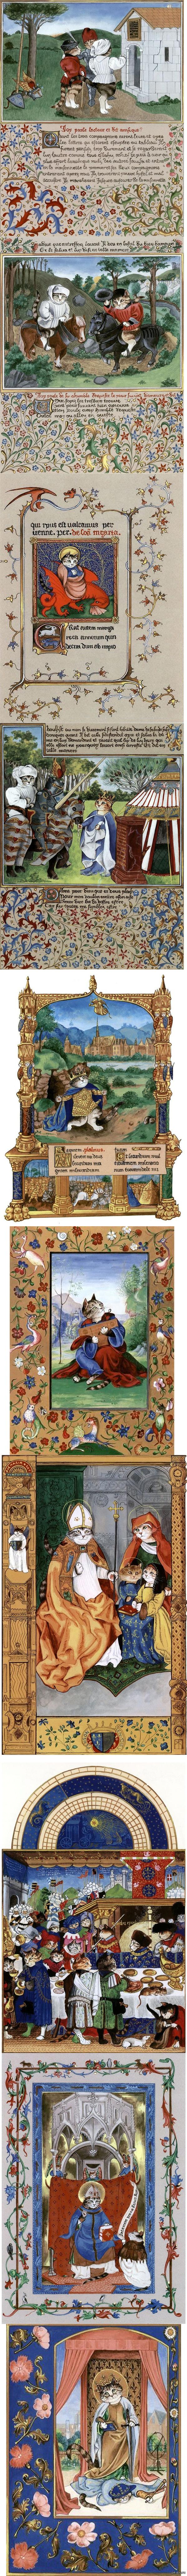 """Средневековые кошечки от Сьюзан Герберт. Из ее книги """"Medieval Cats"""" (1995)"""